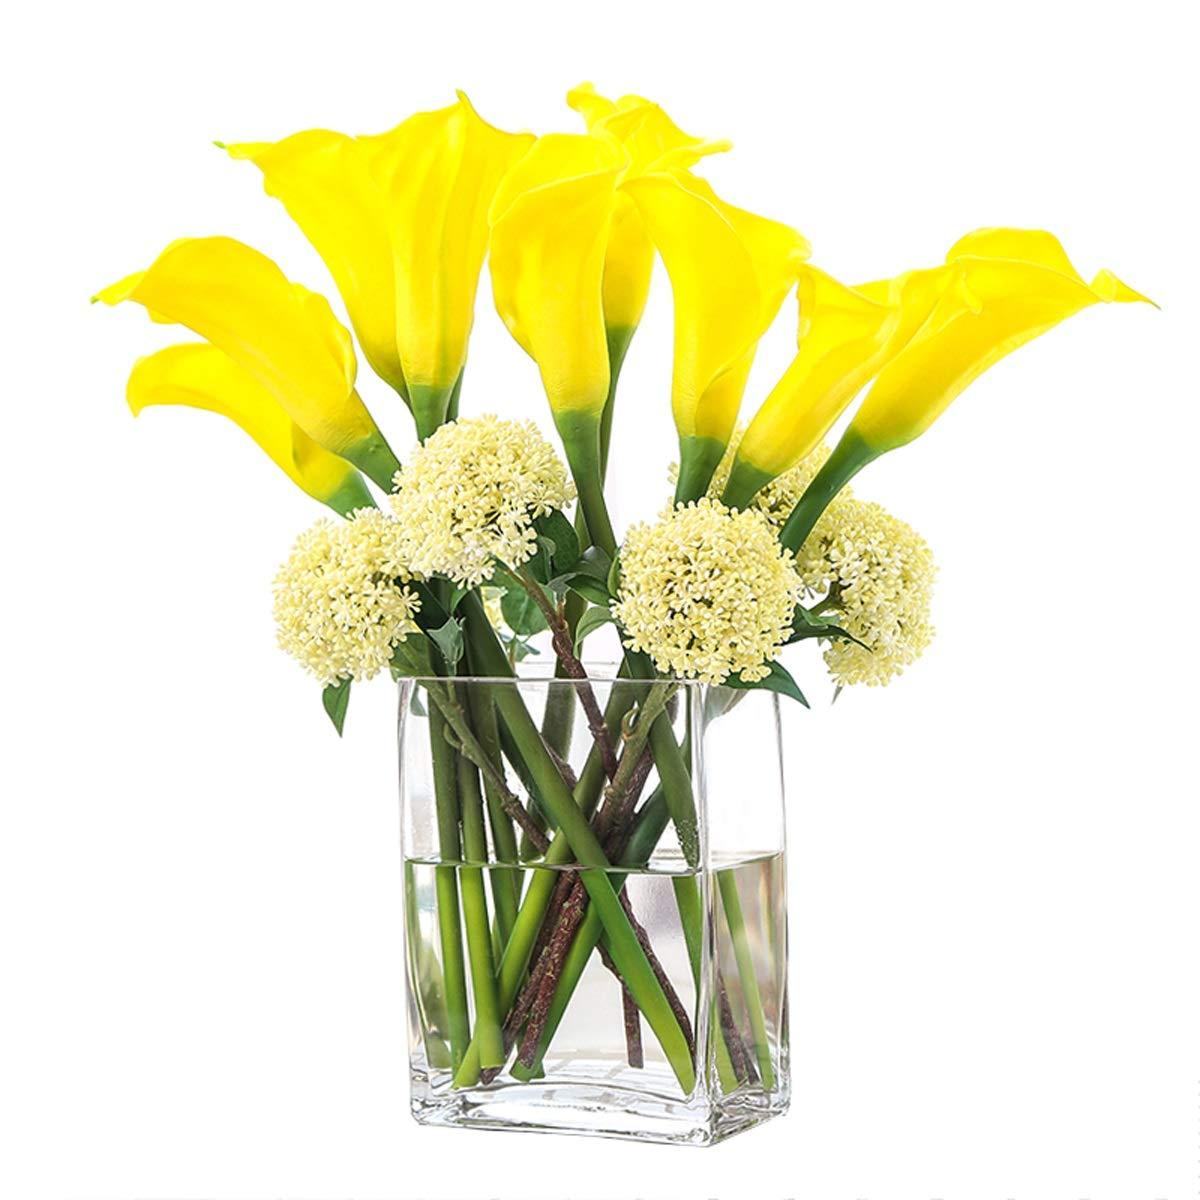 シミュレーションオランダカイウユリアジサイ花瓶セット鉢植え用リビングルームレストラン寝室の装飾マルチカラーオプション (Color : B) B07SK9JS4N B